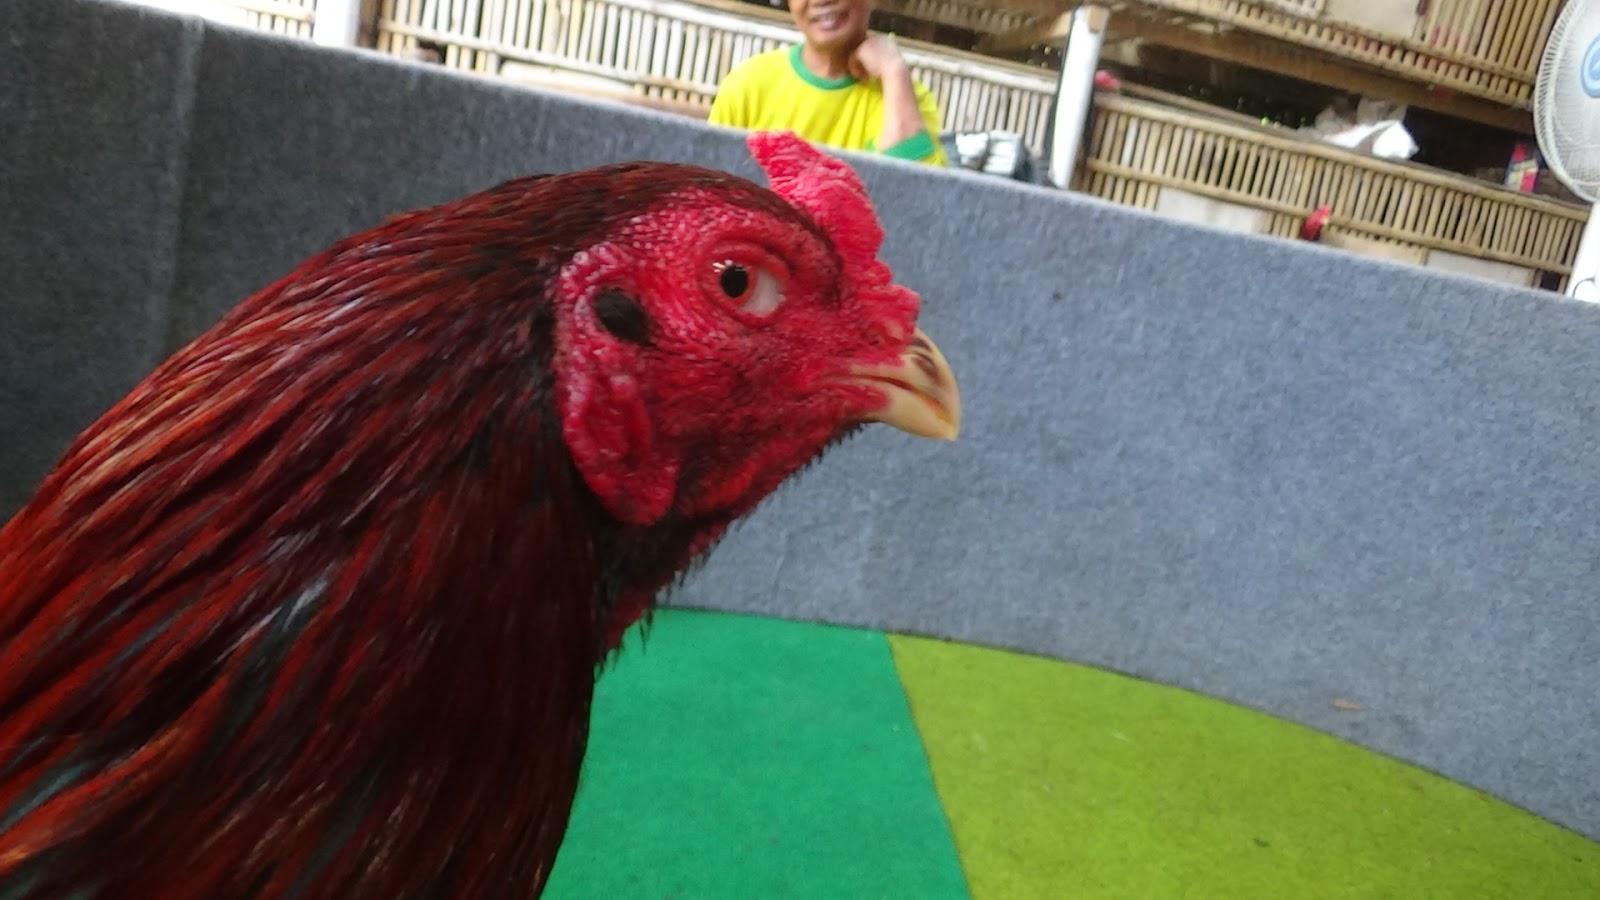 Dapatkan Gambar Mewarnai Ayam Betina Birman Anekagambarmewarnai